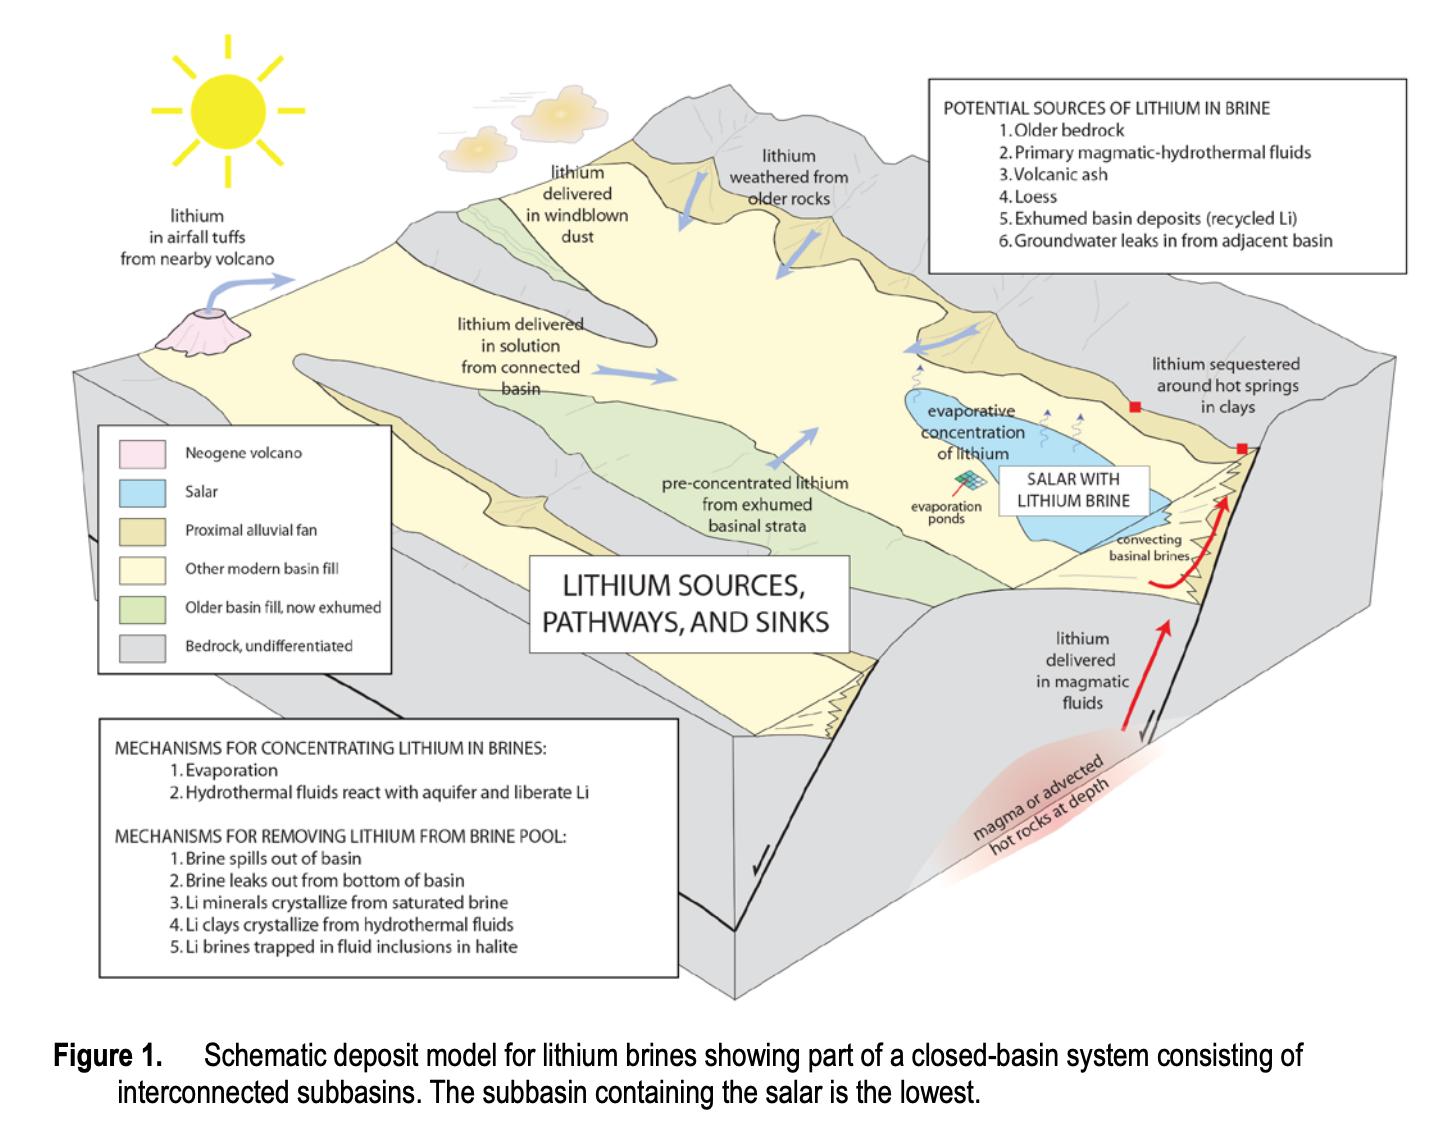 Diagrama geológico de los depósitos de salmuera de litio